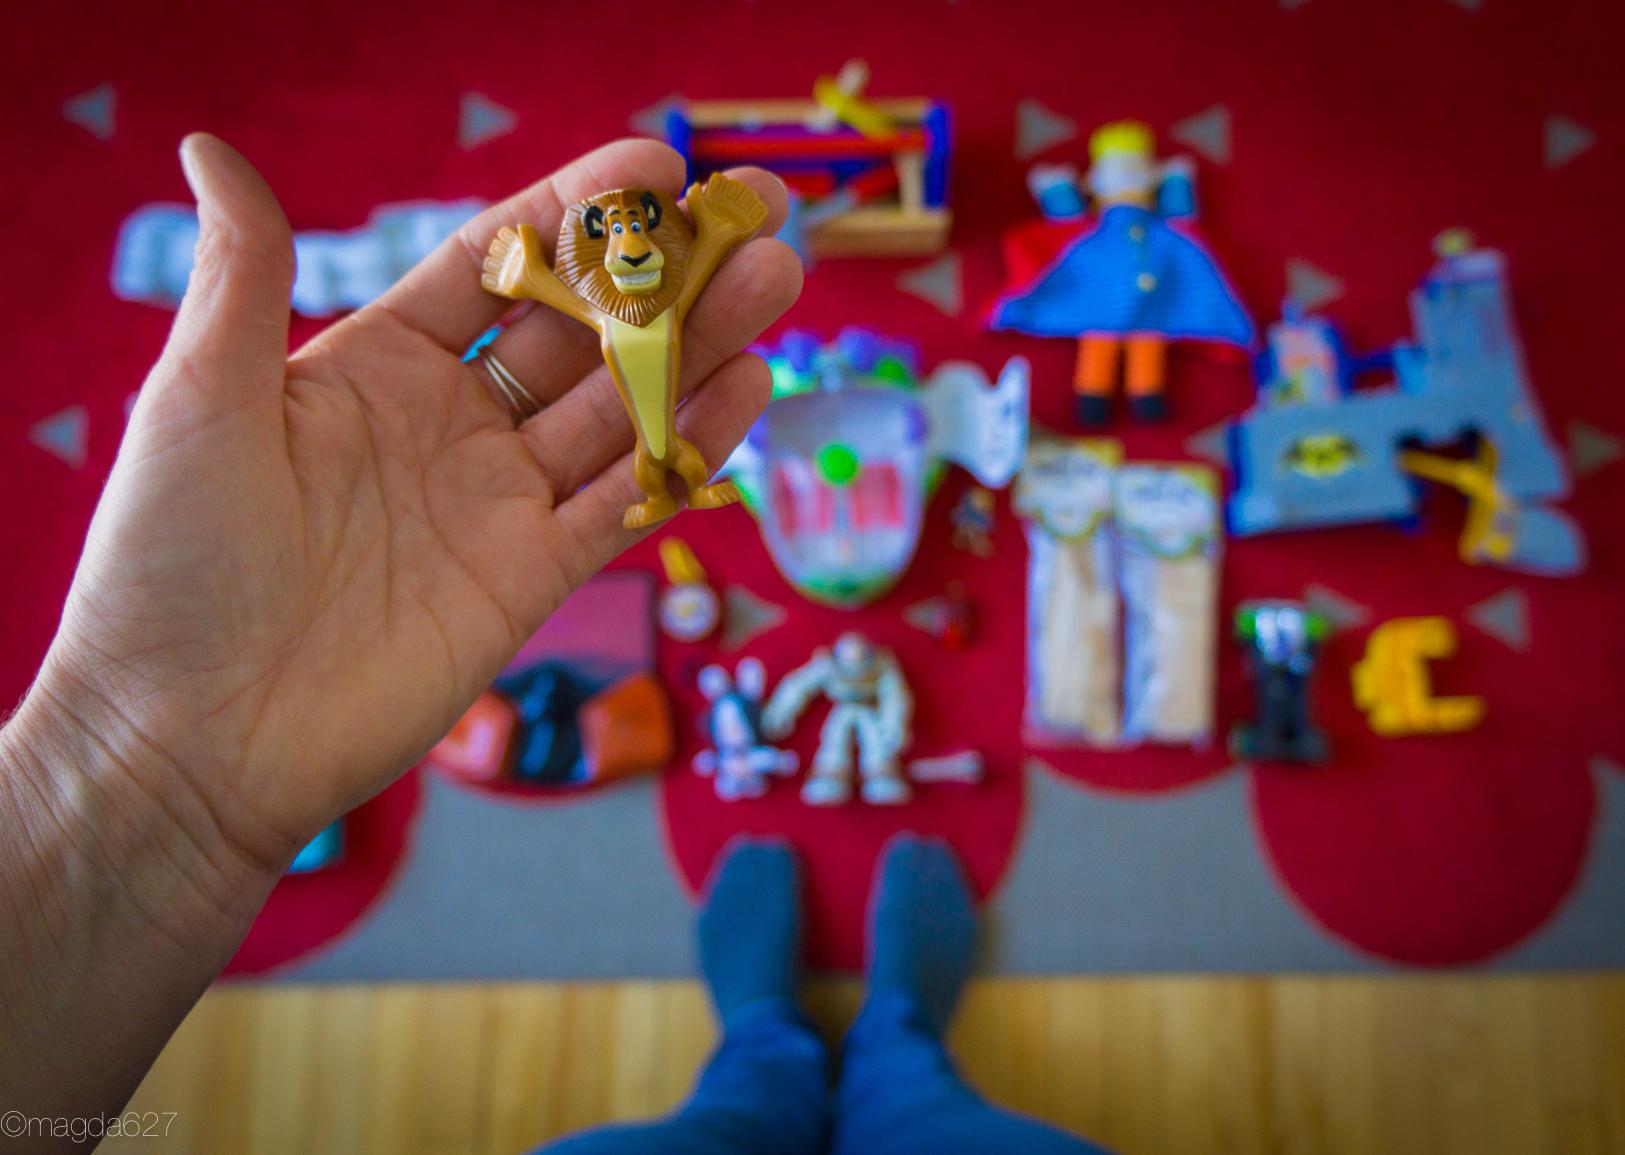 anteketborka.com, decluttering toys-2